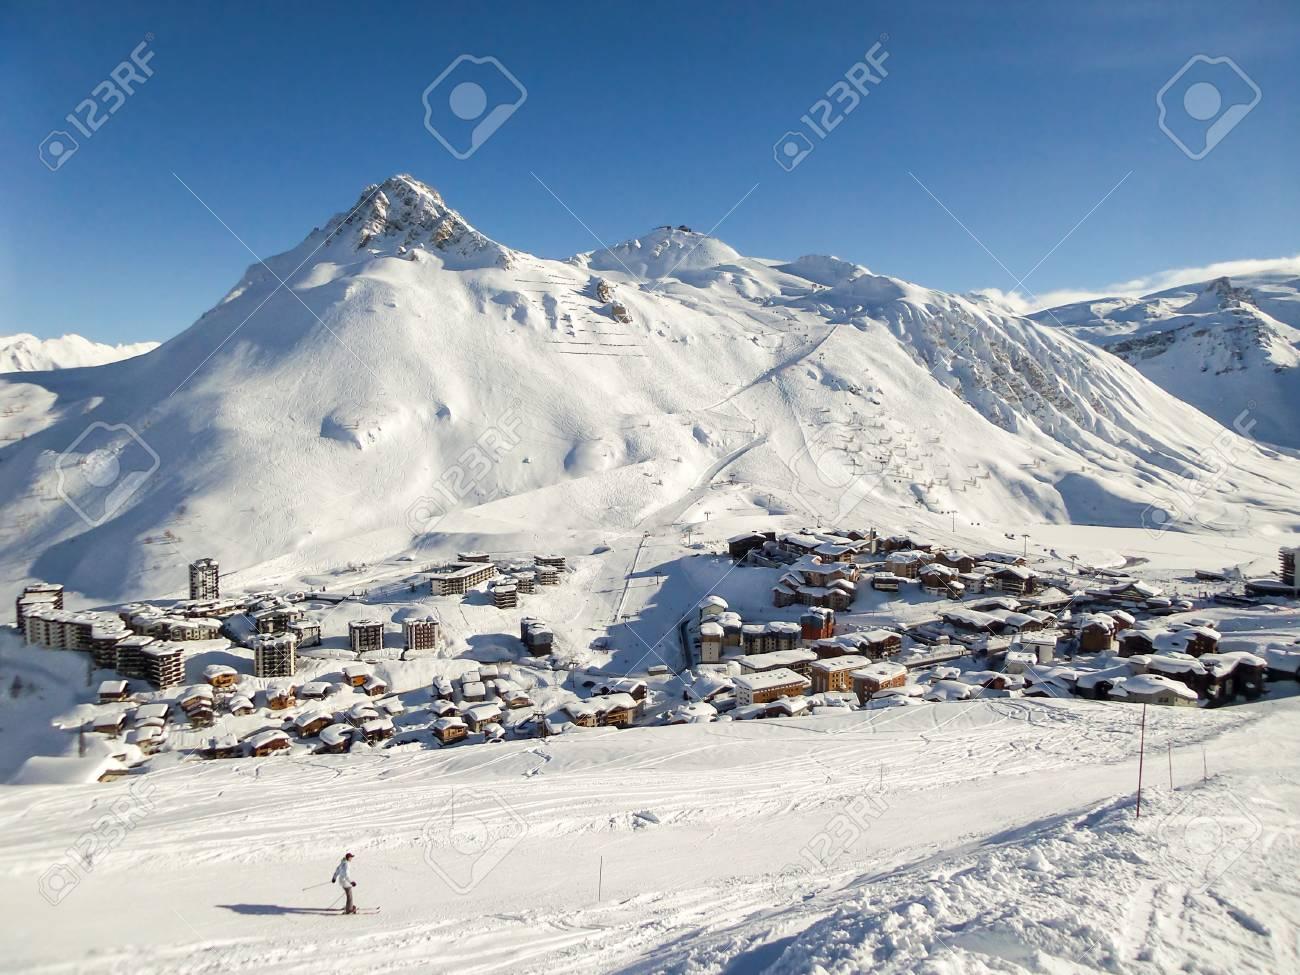 ski resort of tignes in winter, ski slope and village of tignes